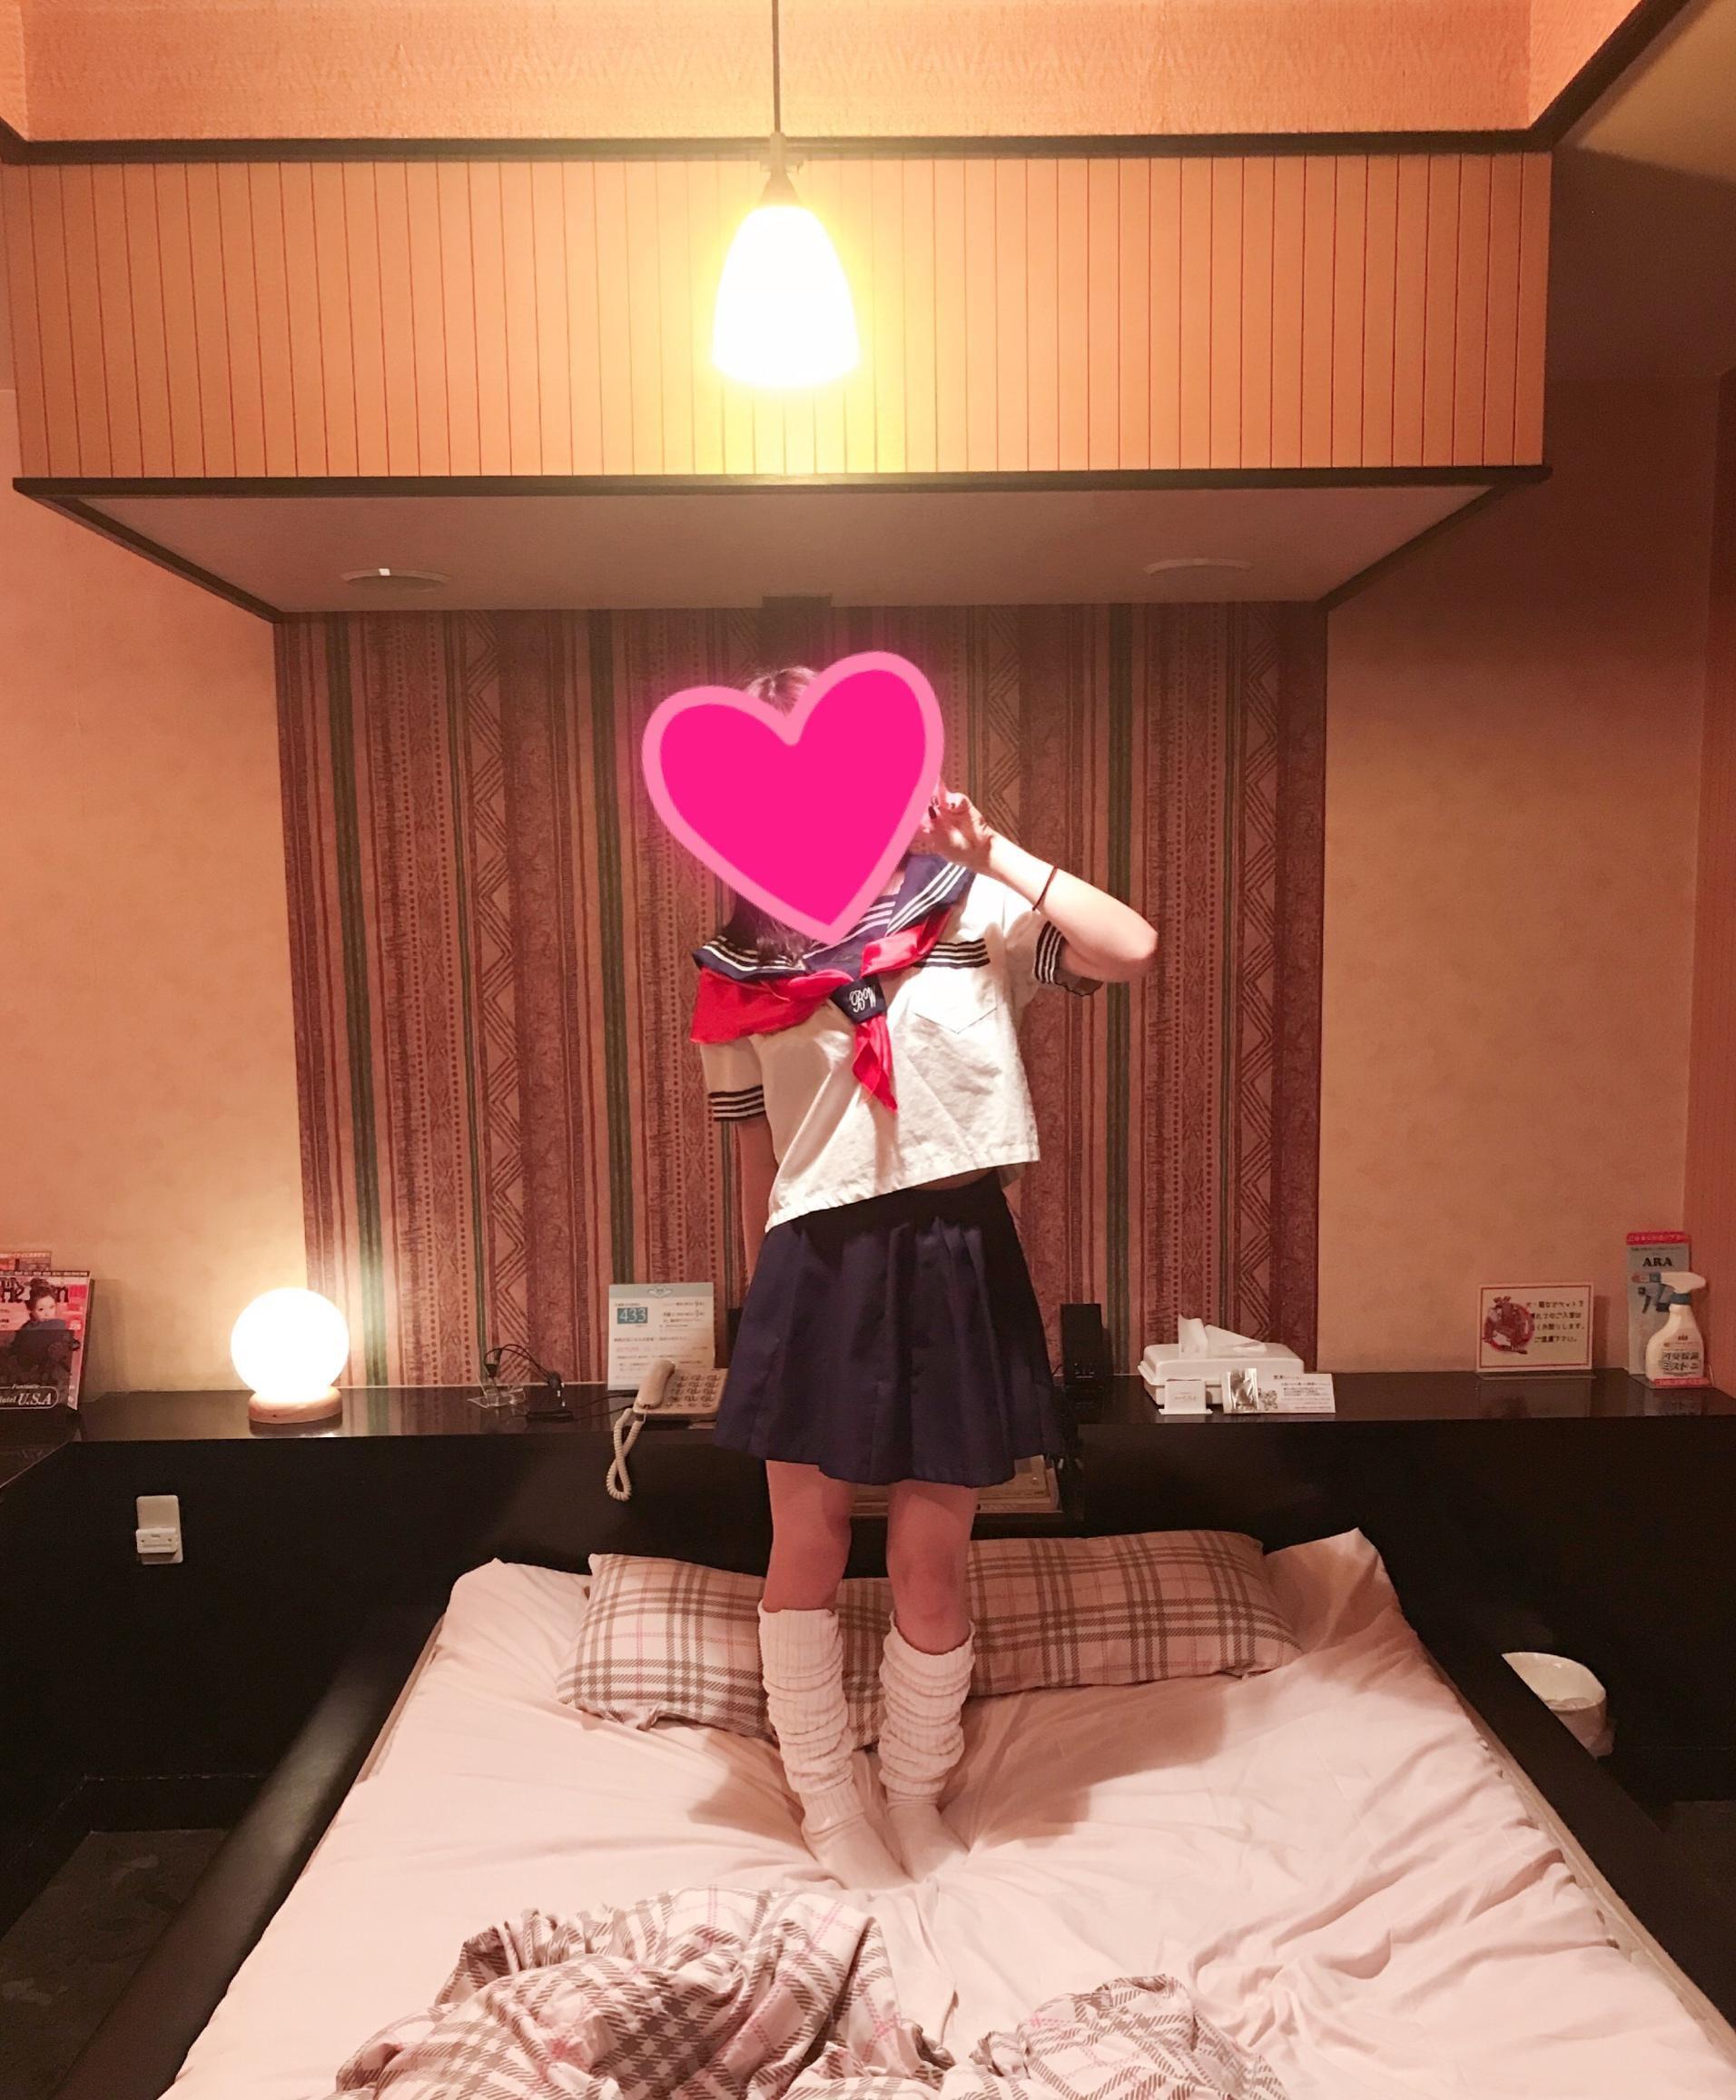 「お休みします」09/18(09/18) 10:02 | V☆ゆんの写メ・風俗動画